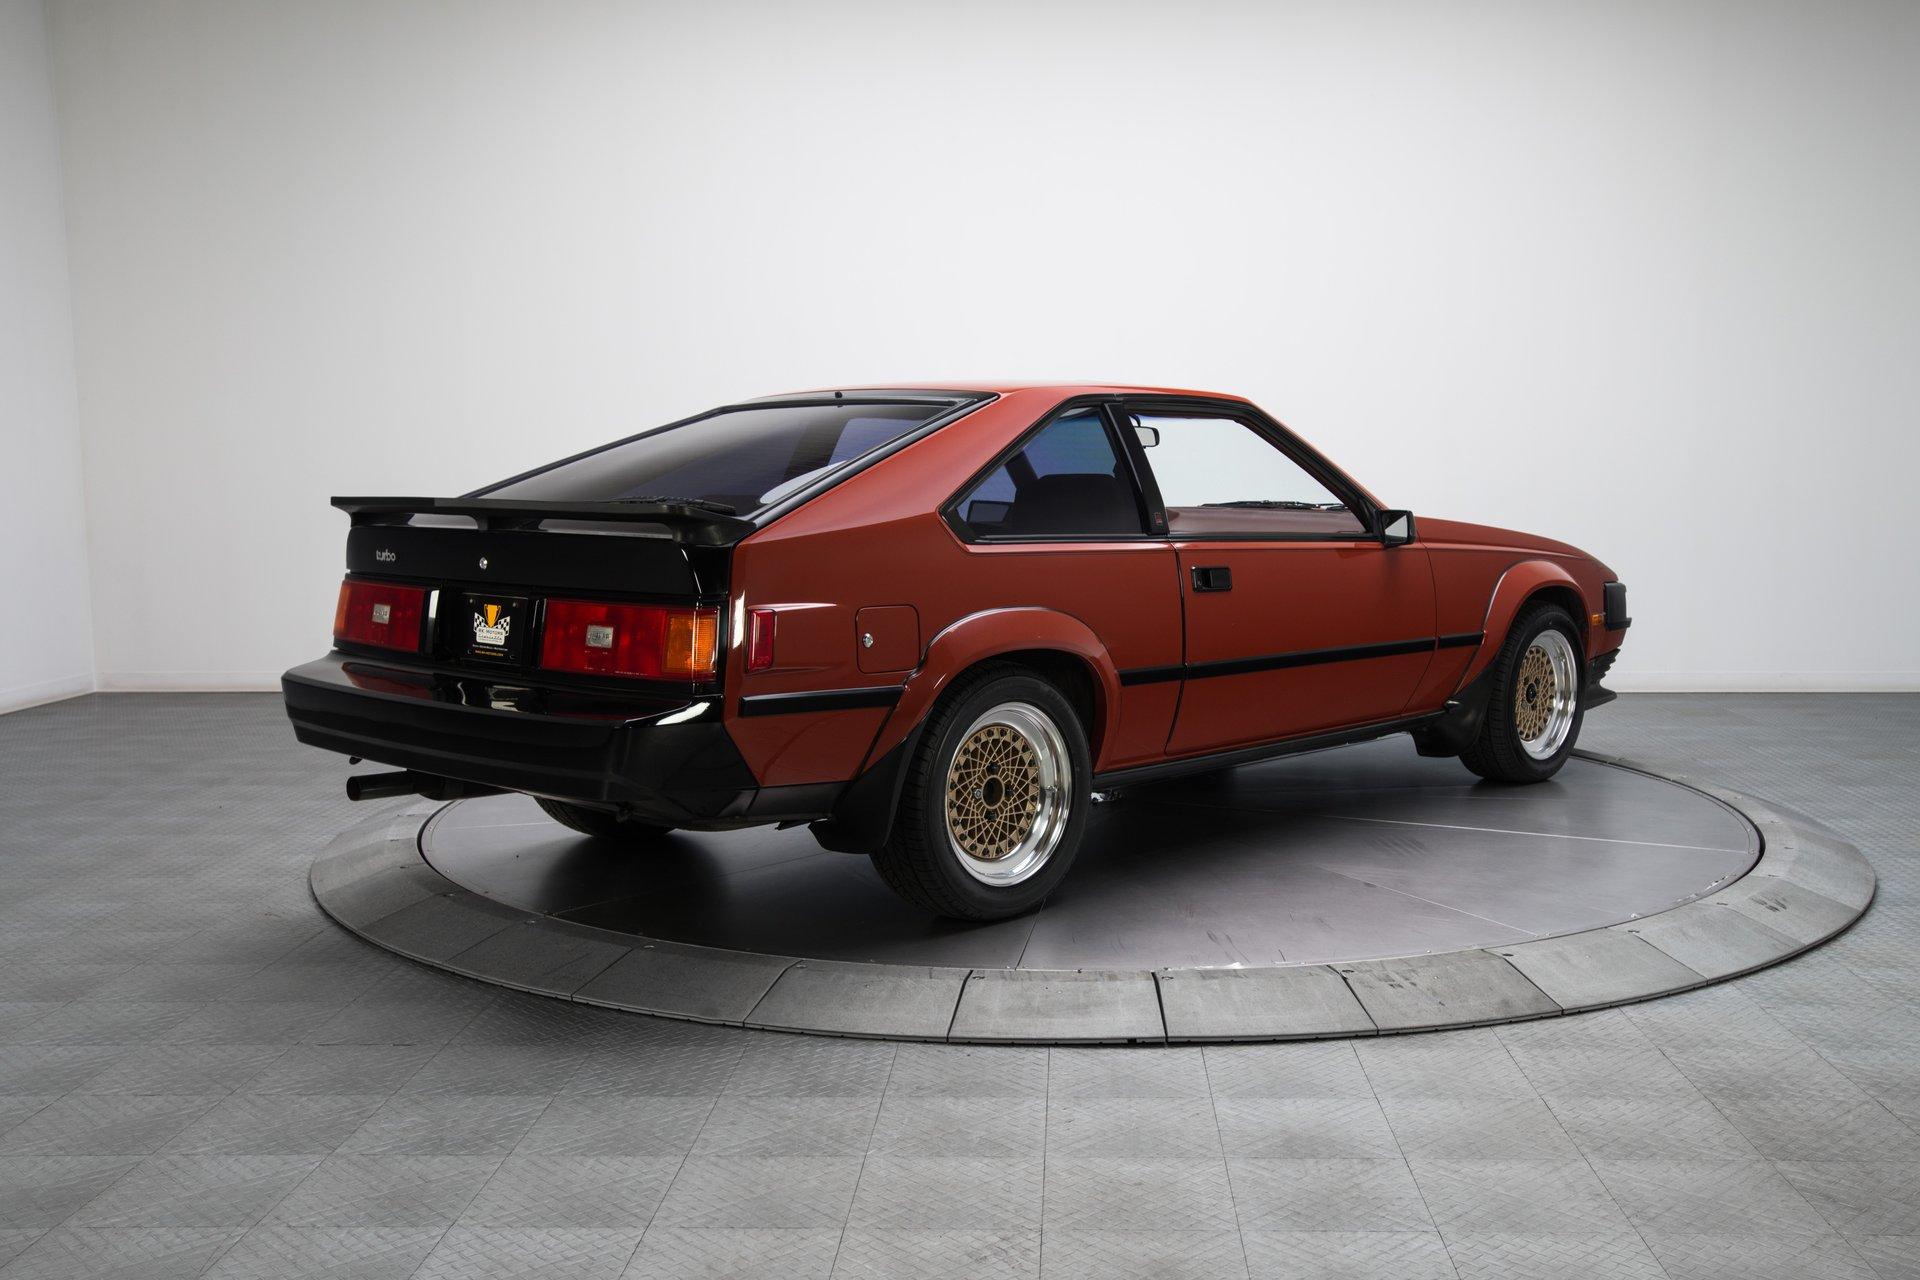 196b4762e449 For Sale 1982 Toyota Celica For Sale 1982 Toyota Celica ...